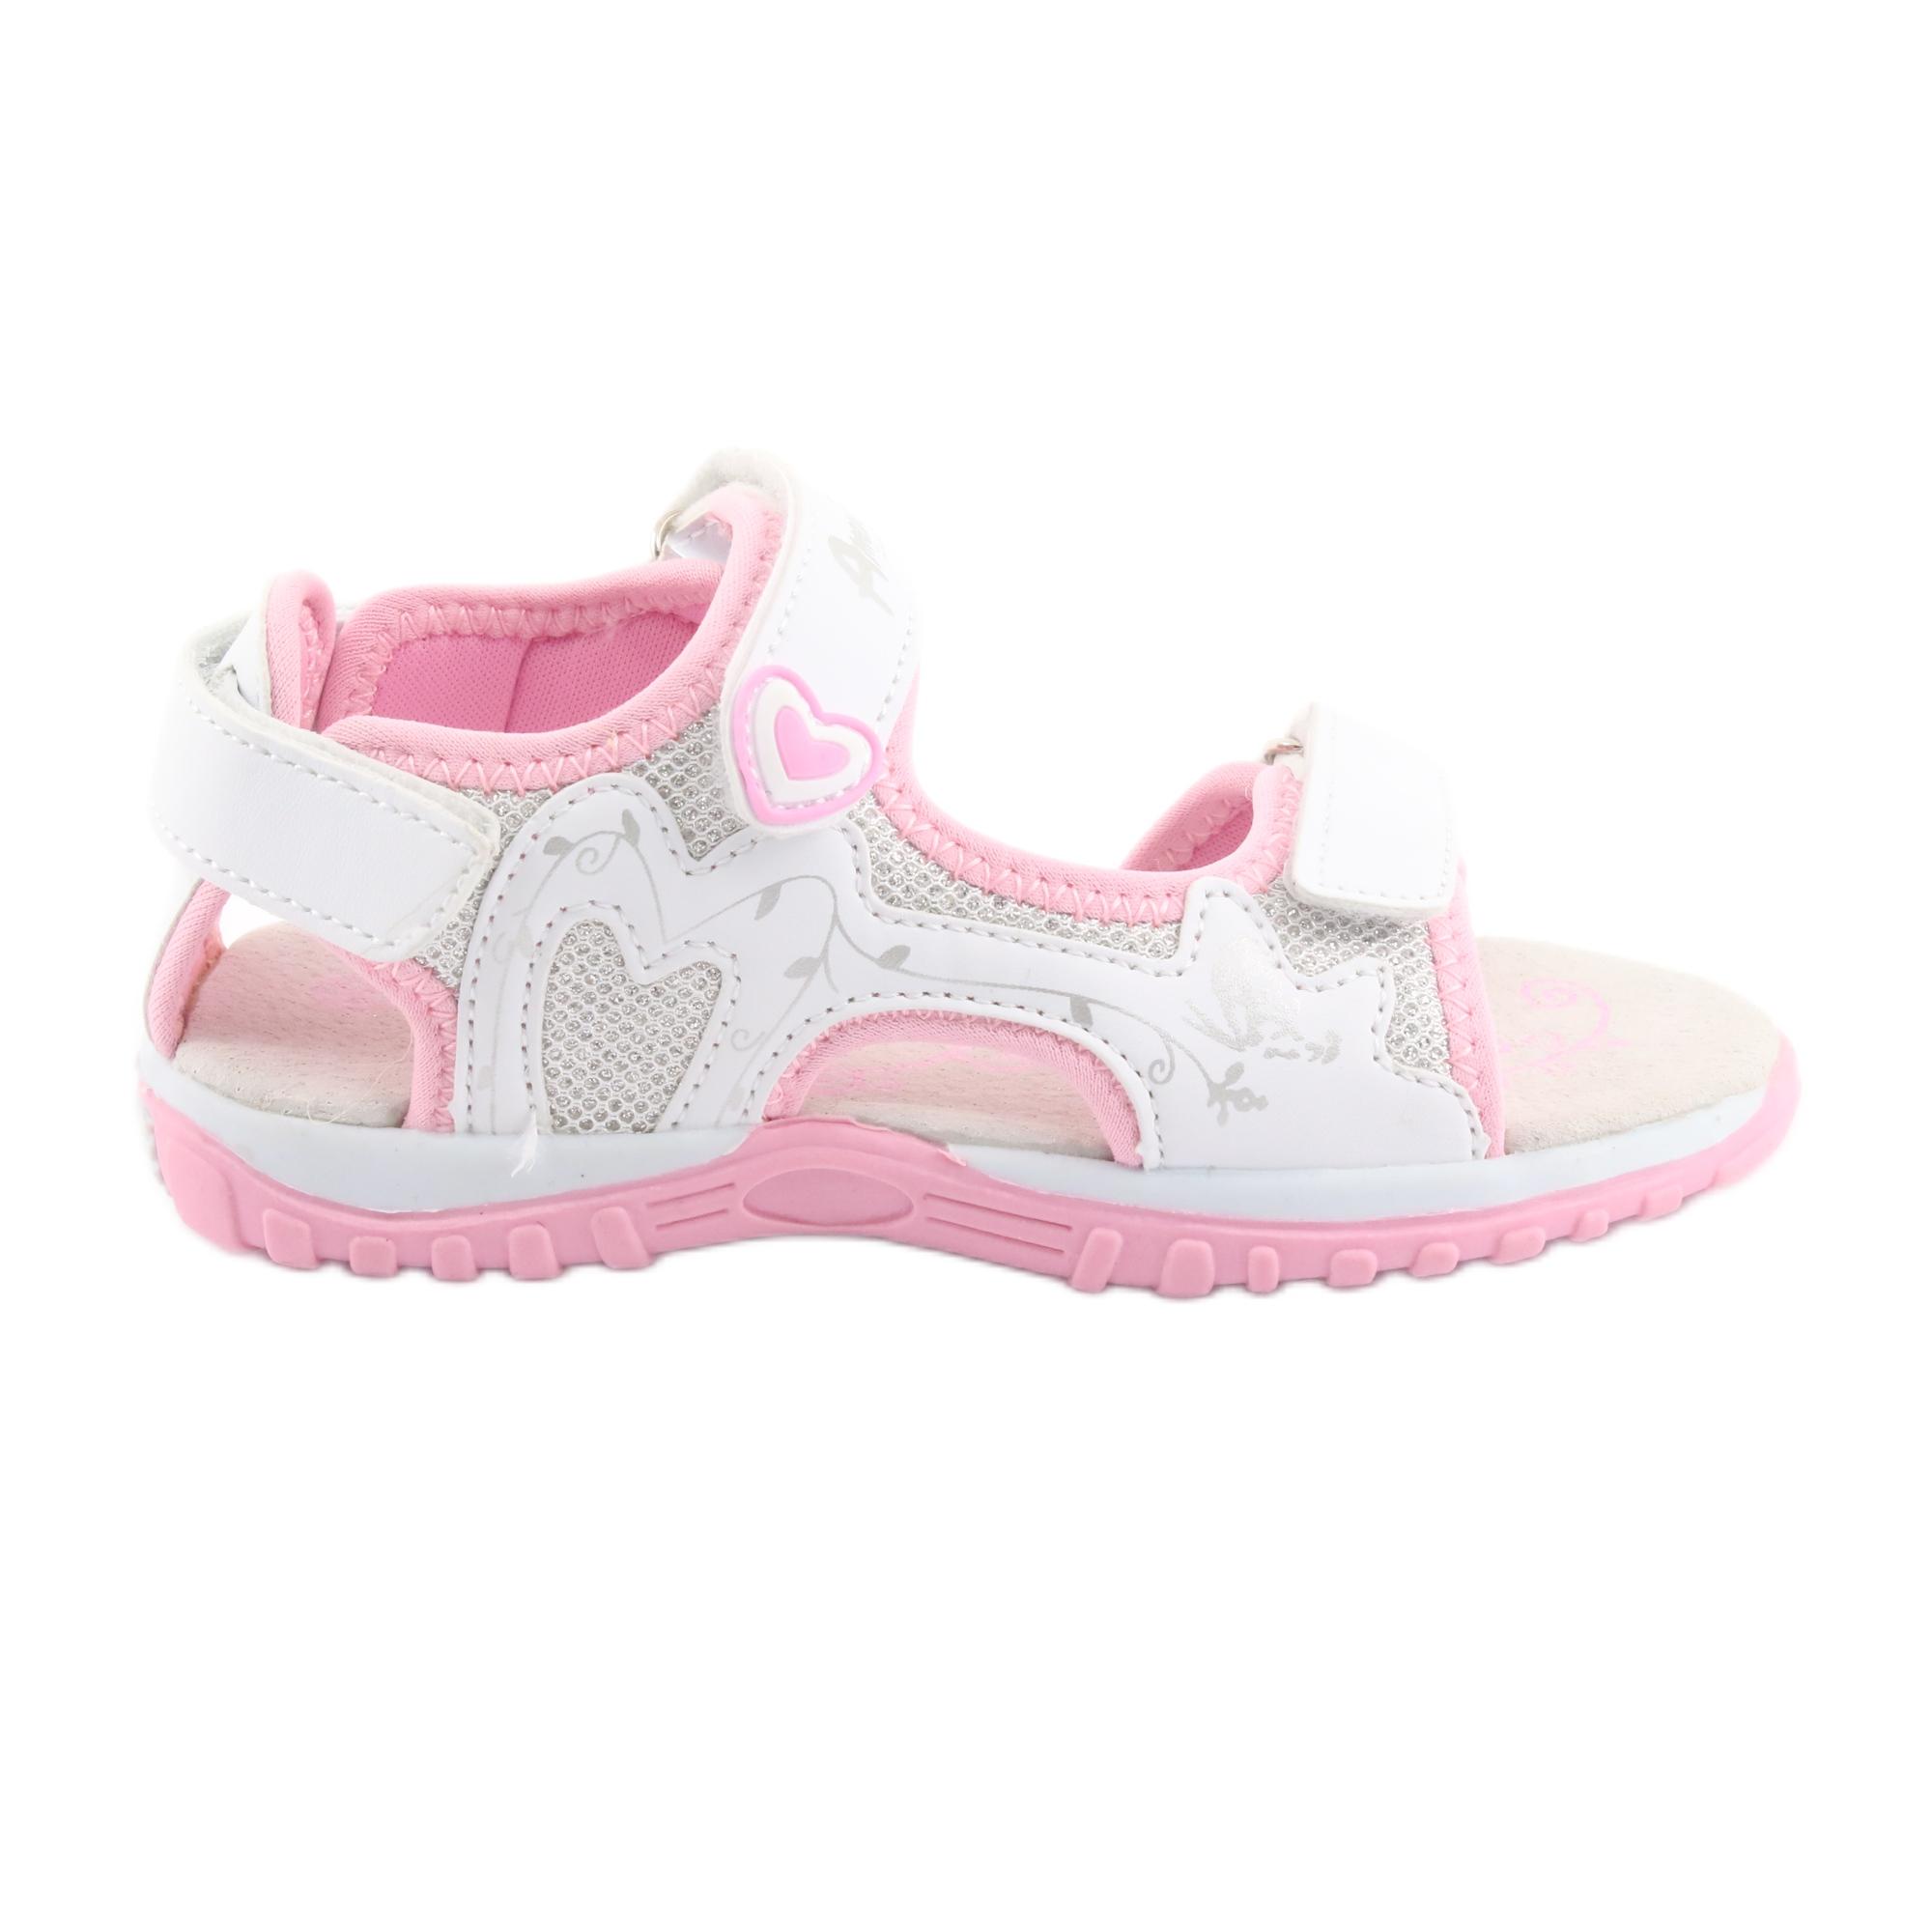 Sandali da donna di American Club bianco grigio rosa